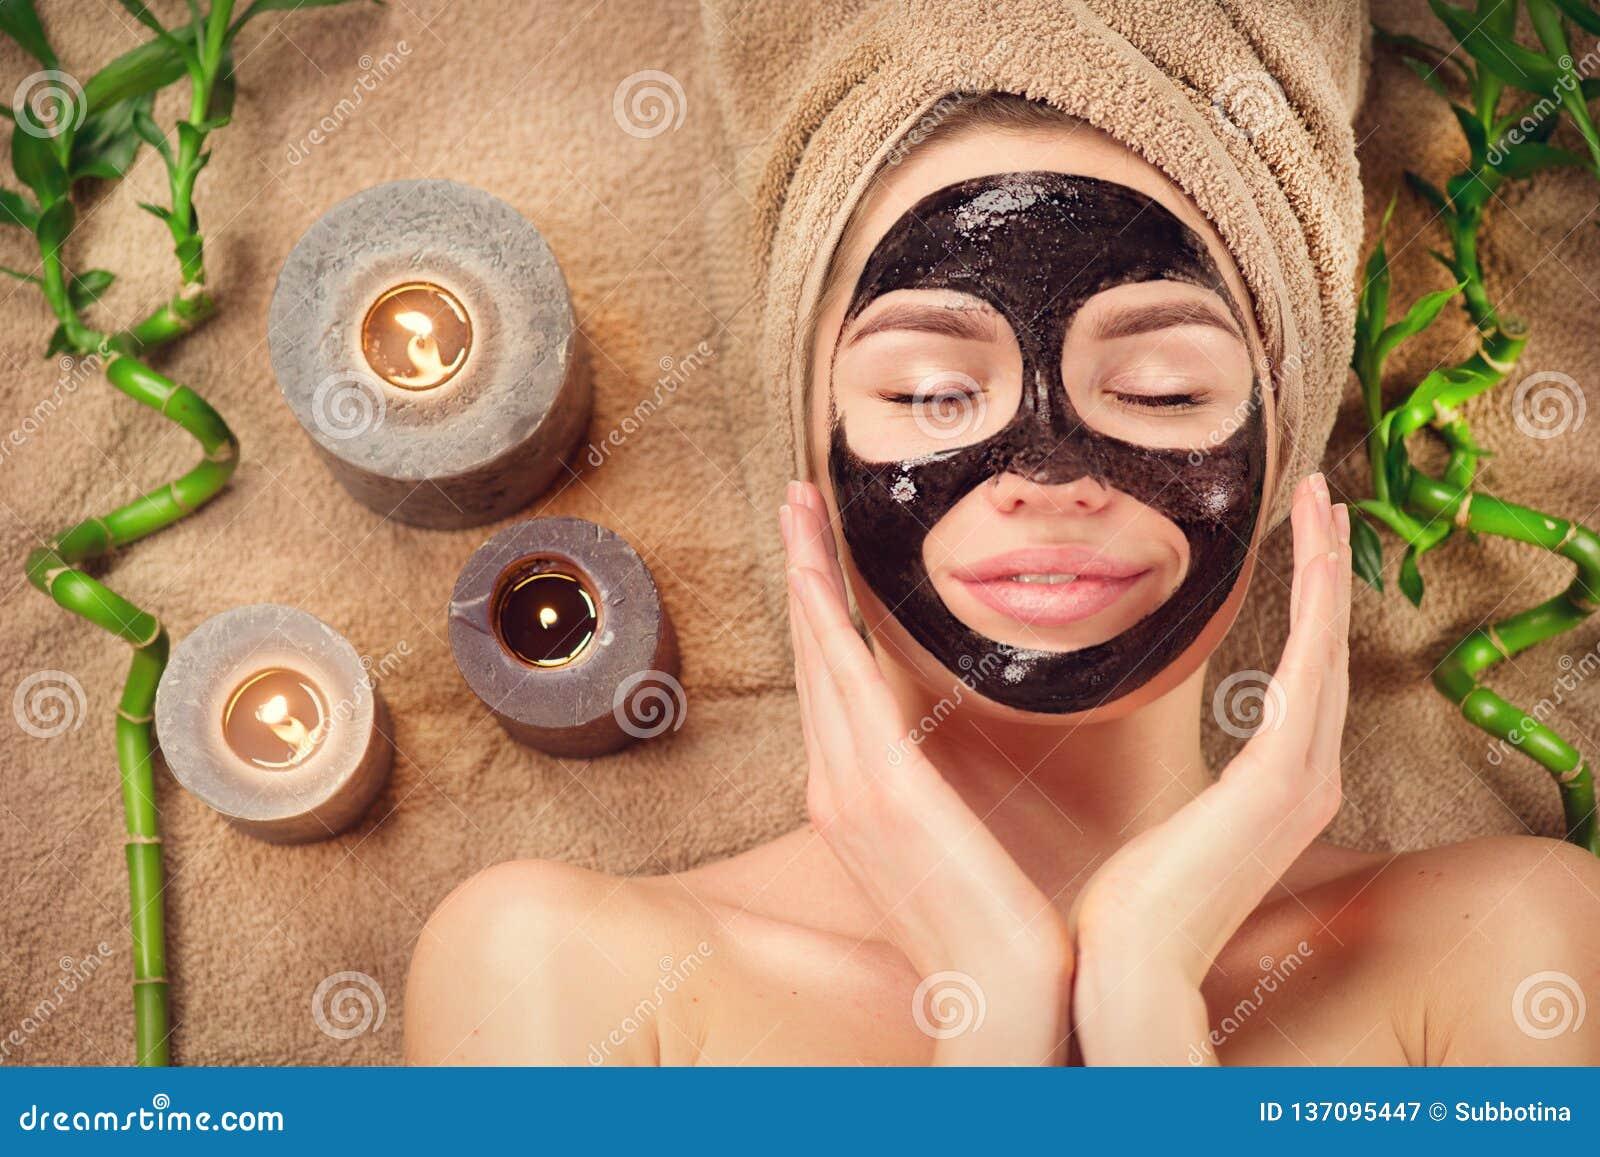 Mulher bonita com máscara preta refinando preta em sua cara Menina do modelo da beleza com a máscara destacável facial preta que